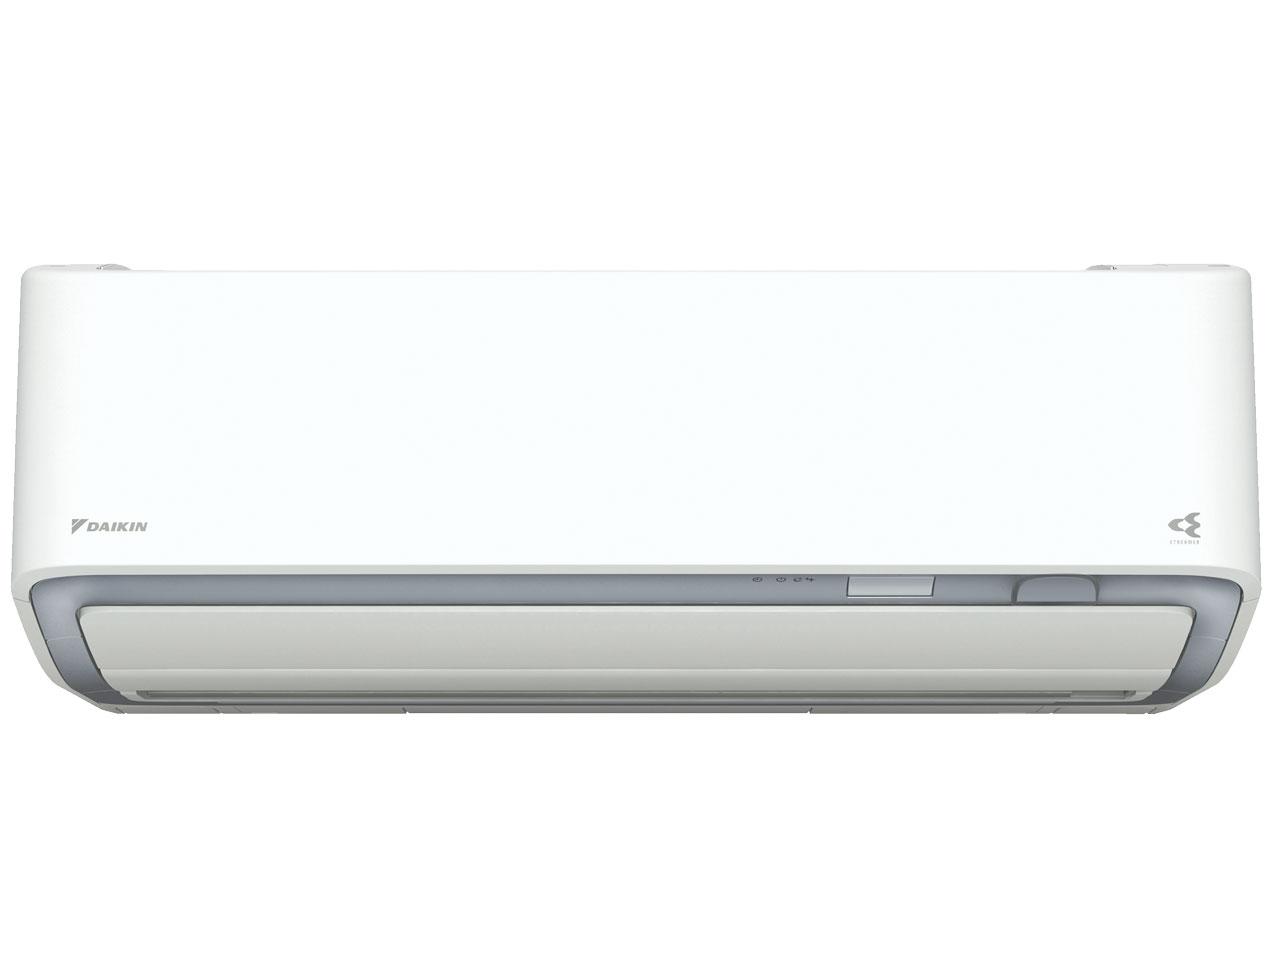 ダイキン 19年モデル うるさら7 RXシリーズ S56WTRXP-W 【200V用】18畳用冷暖房除湿エアコン